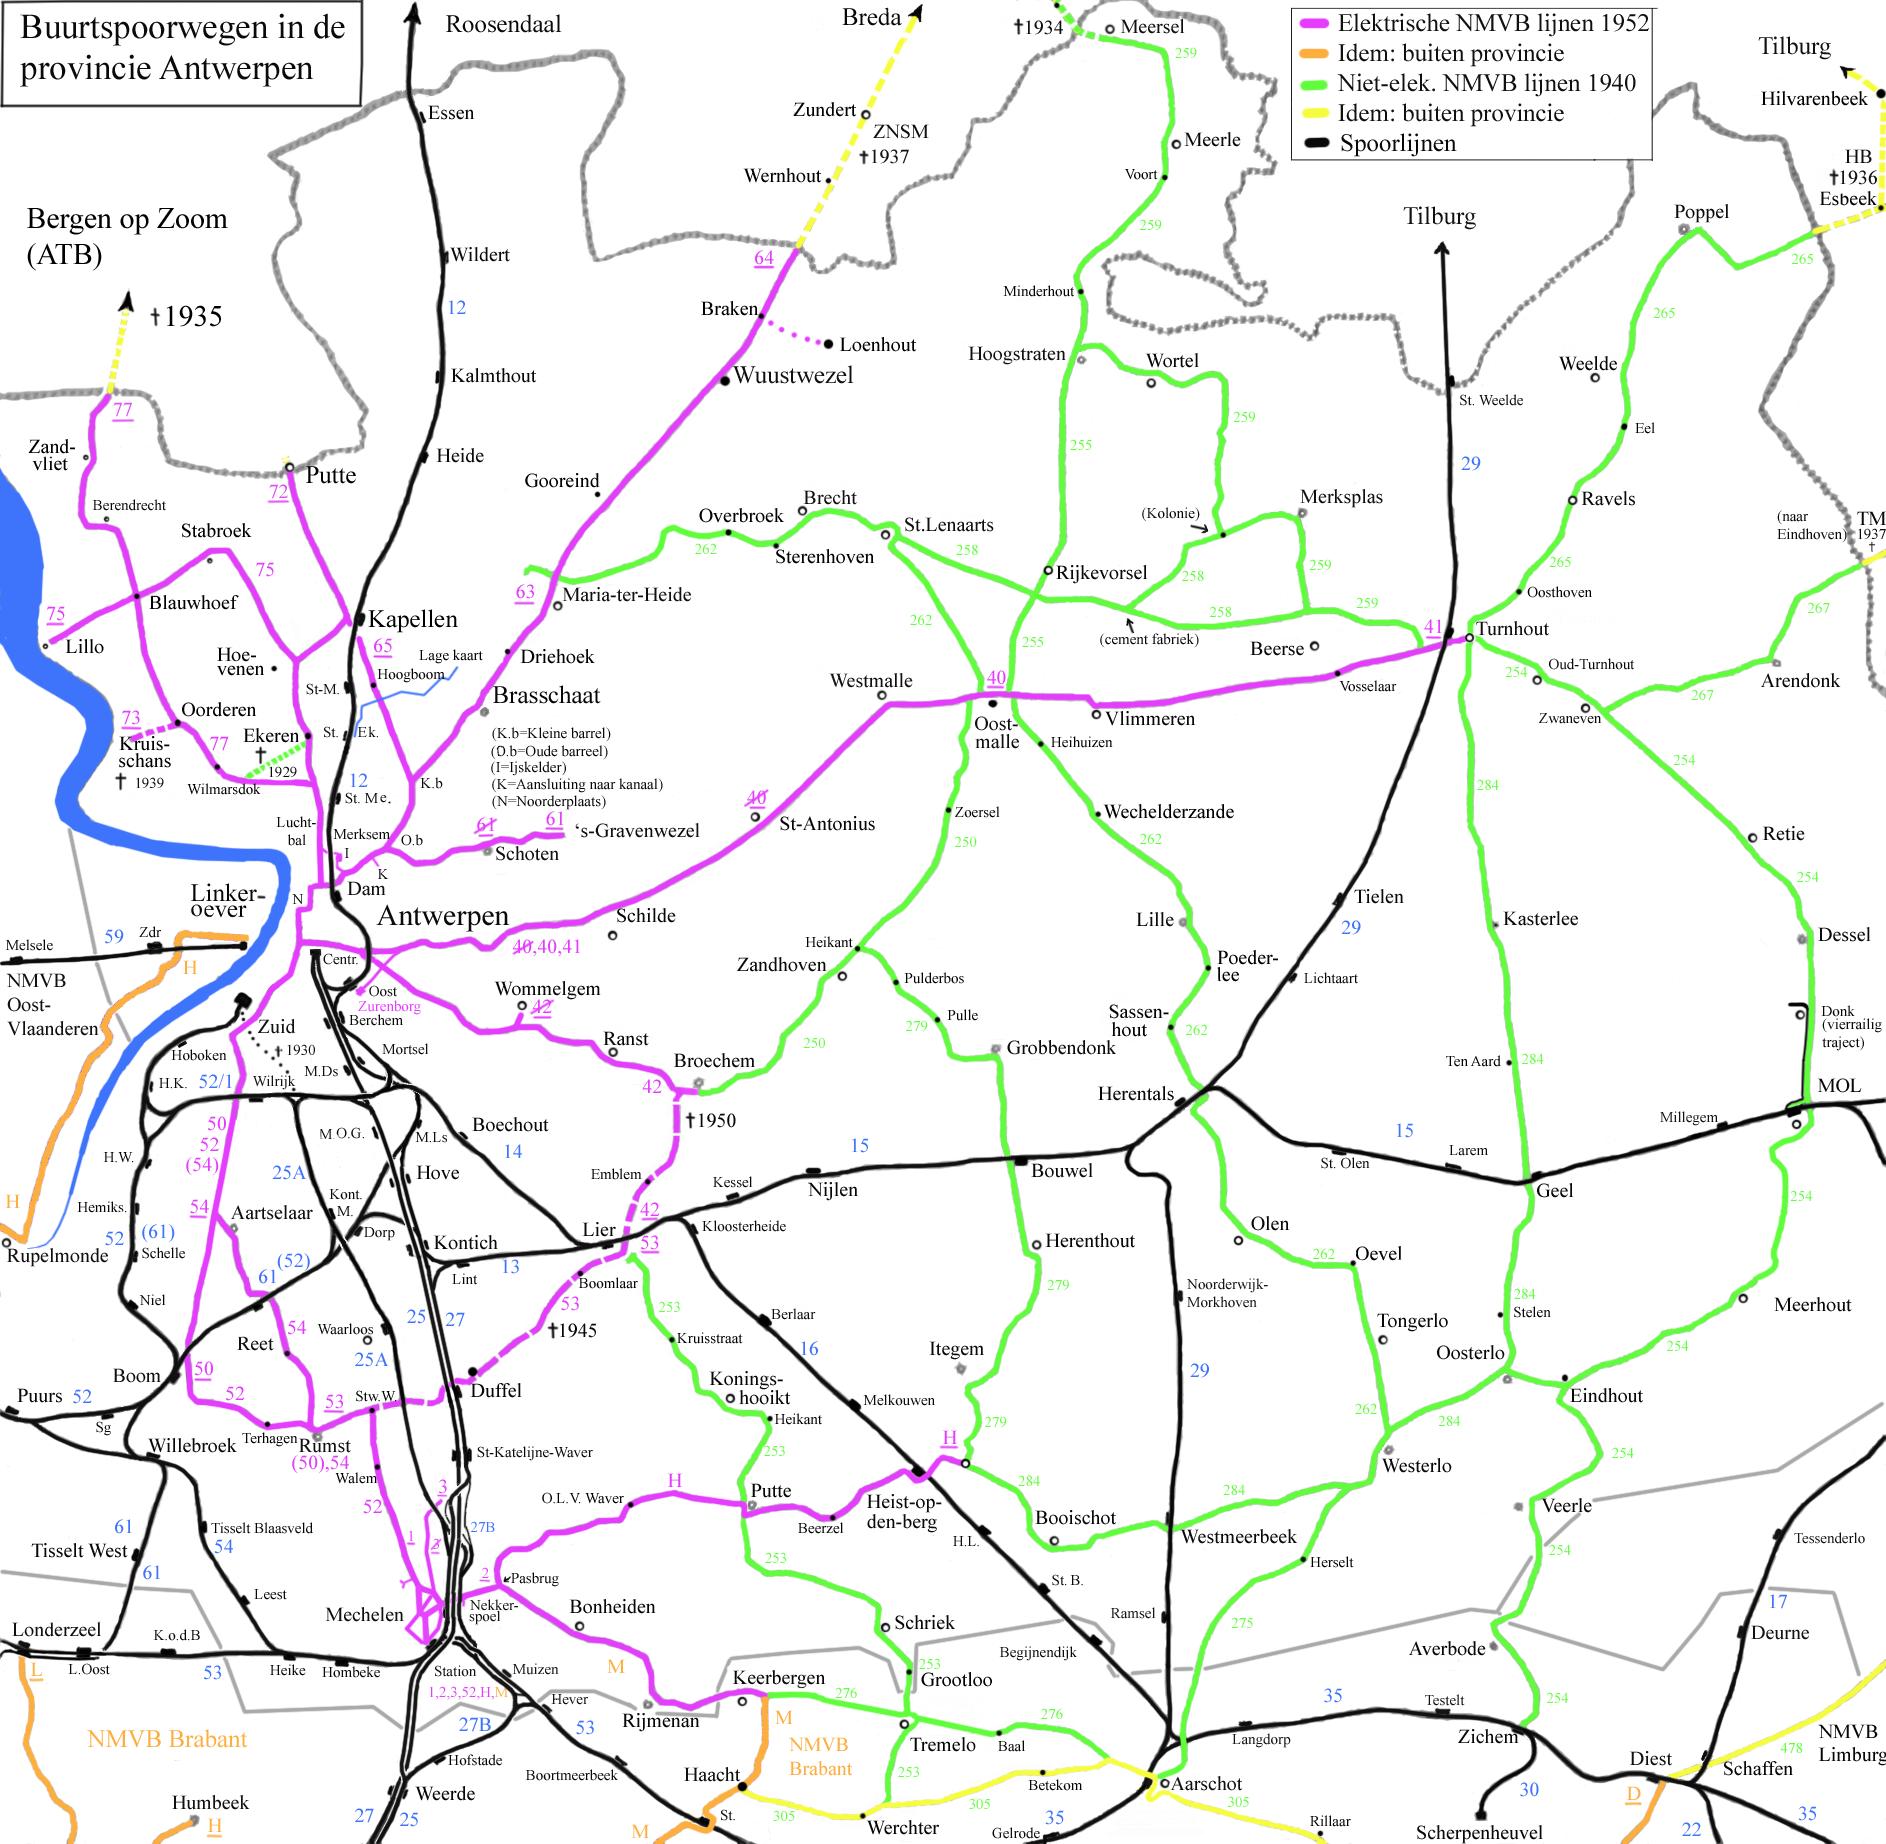 Buurtspoorwegen Van De Provincie Antwerpen Wikipedia